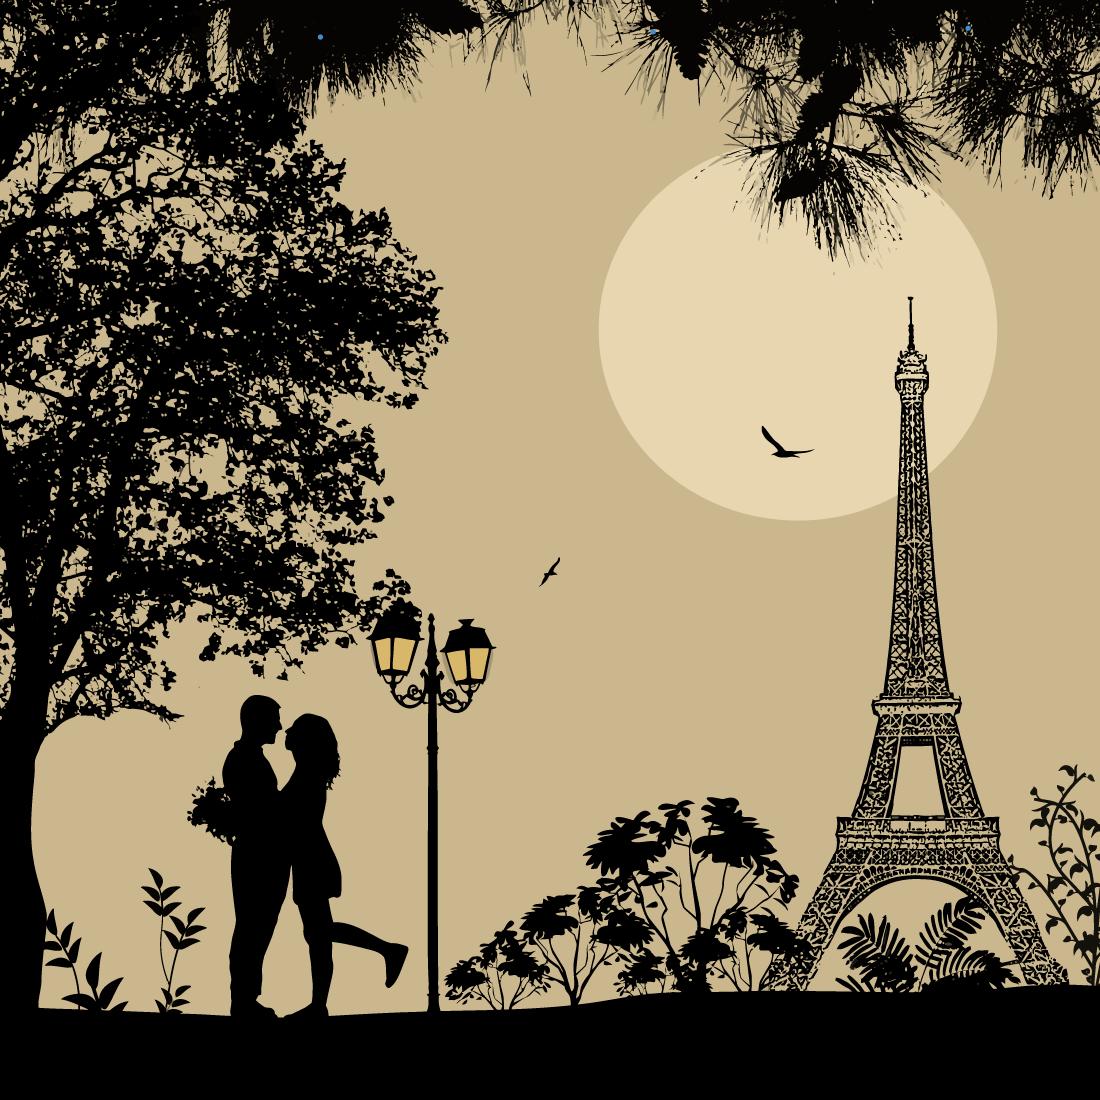 Romantische Geschichten festhalten